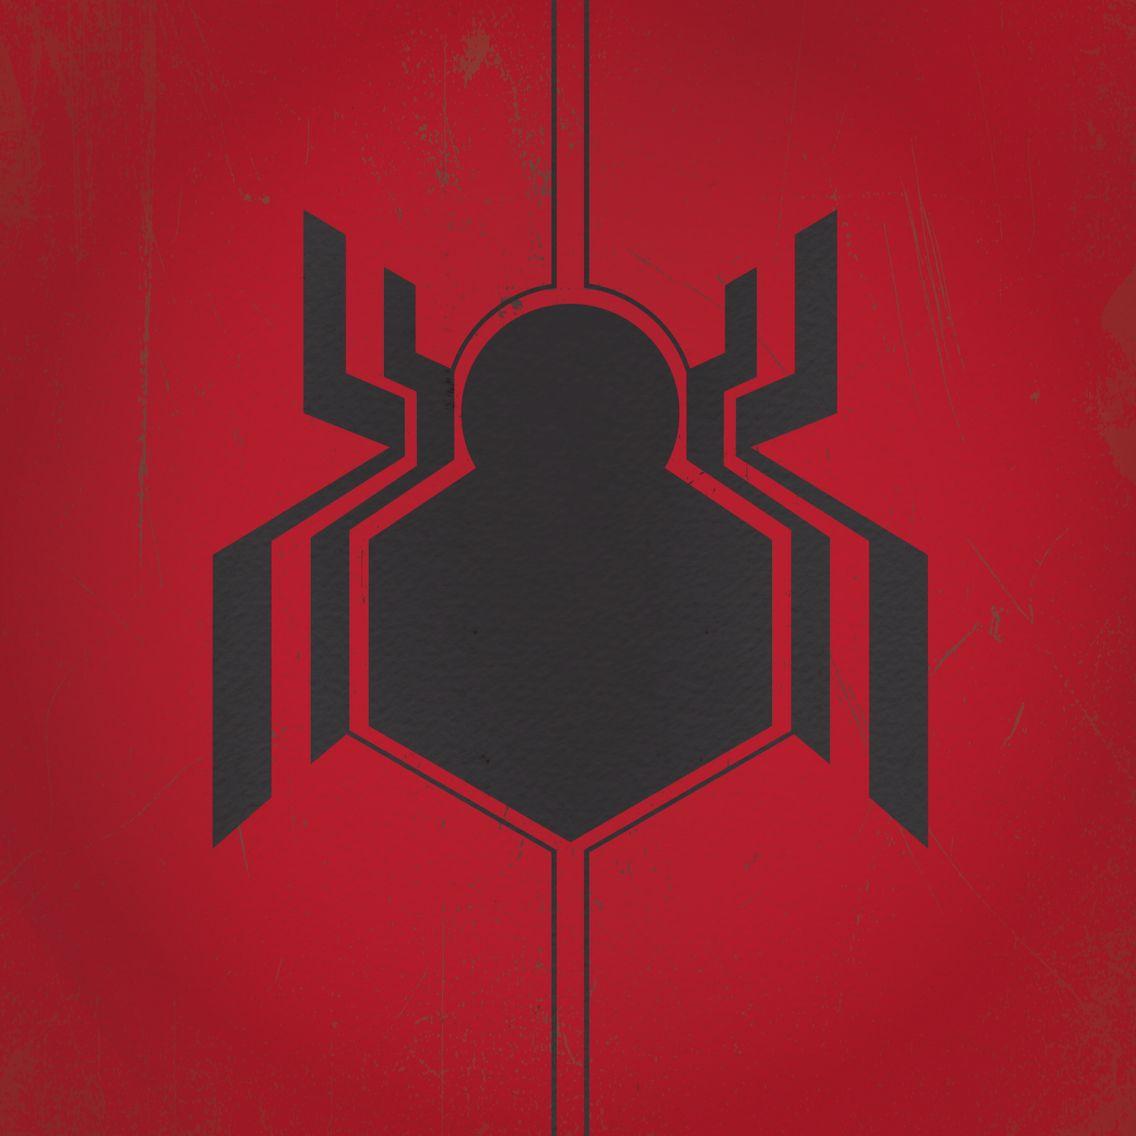 Simbolo di spiderman